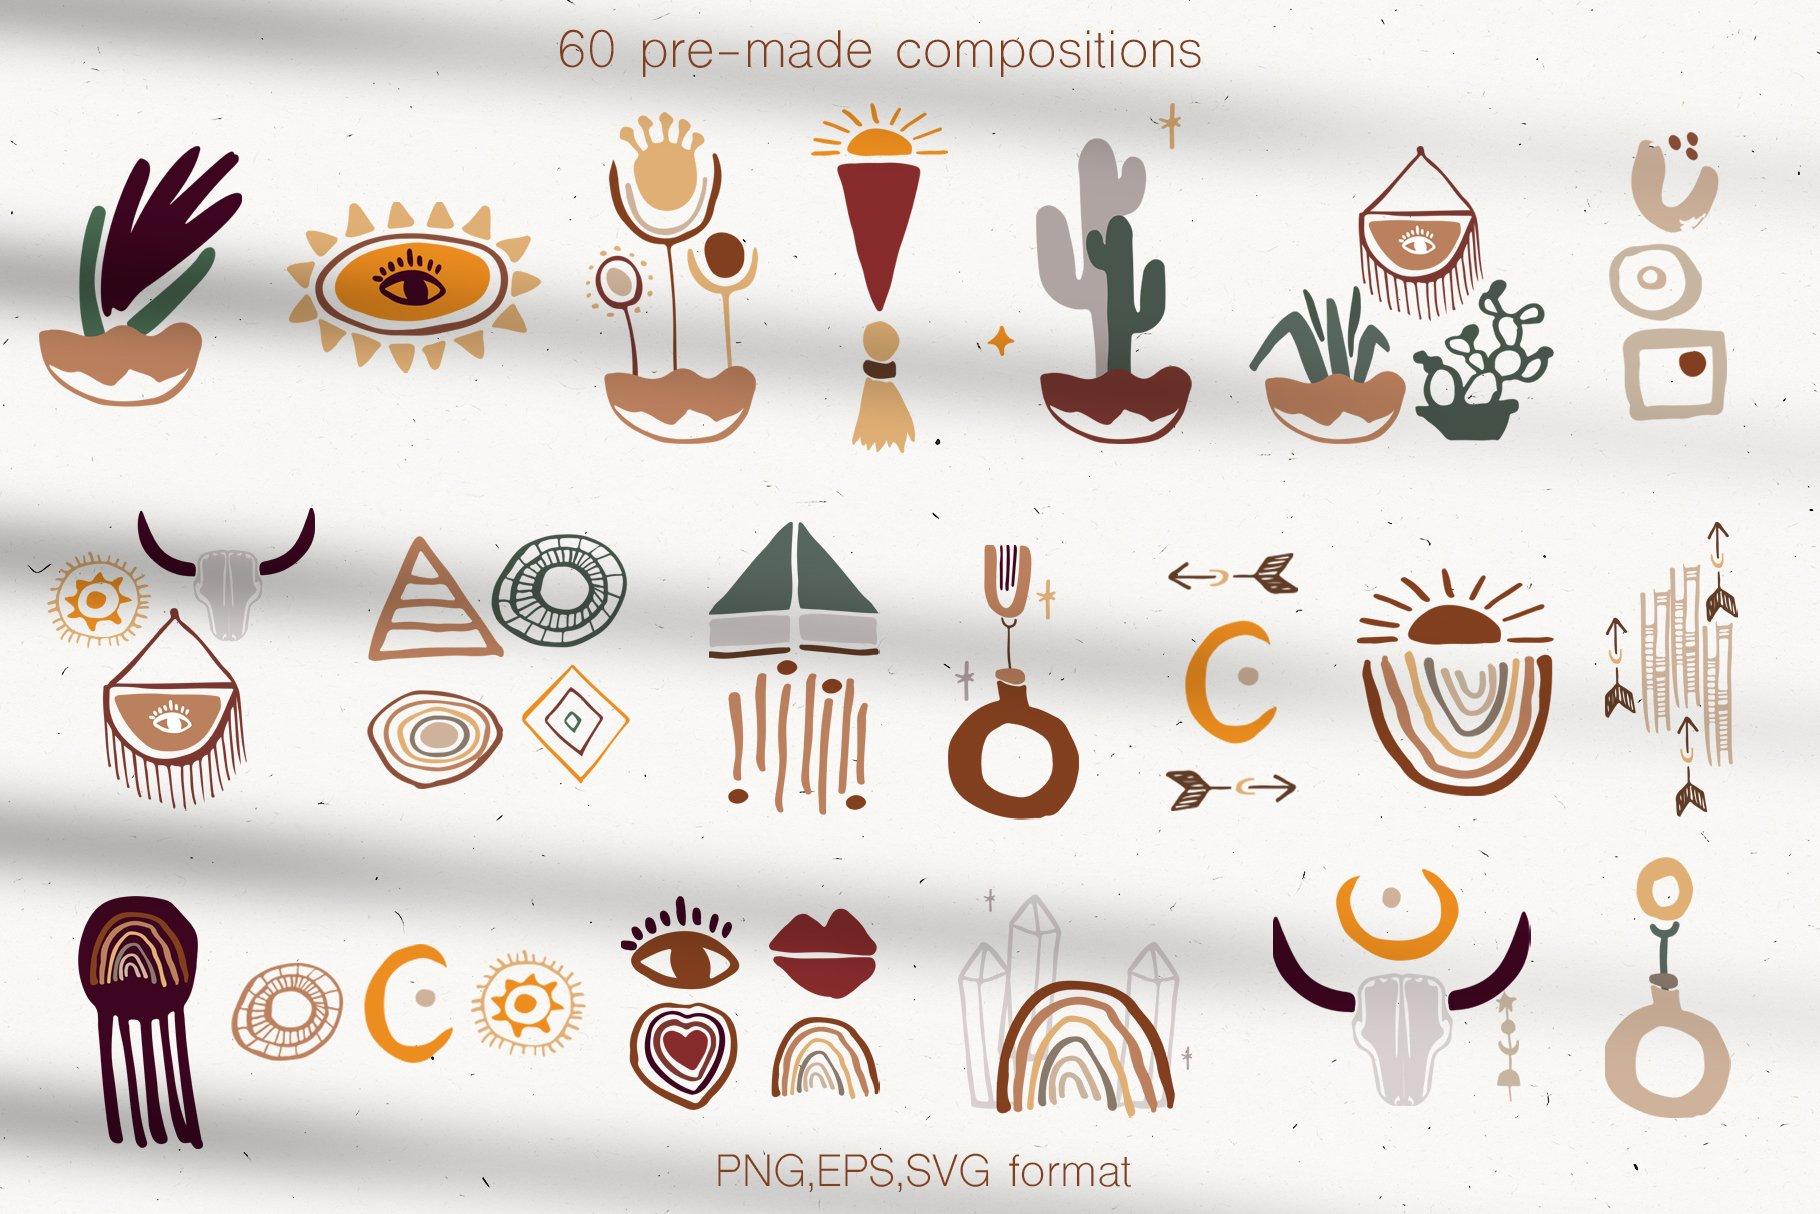 400多个波西米亚元素装饰图案背景AI图片素材 Boho Philosophy Collection插图(9)